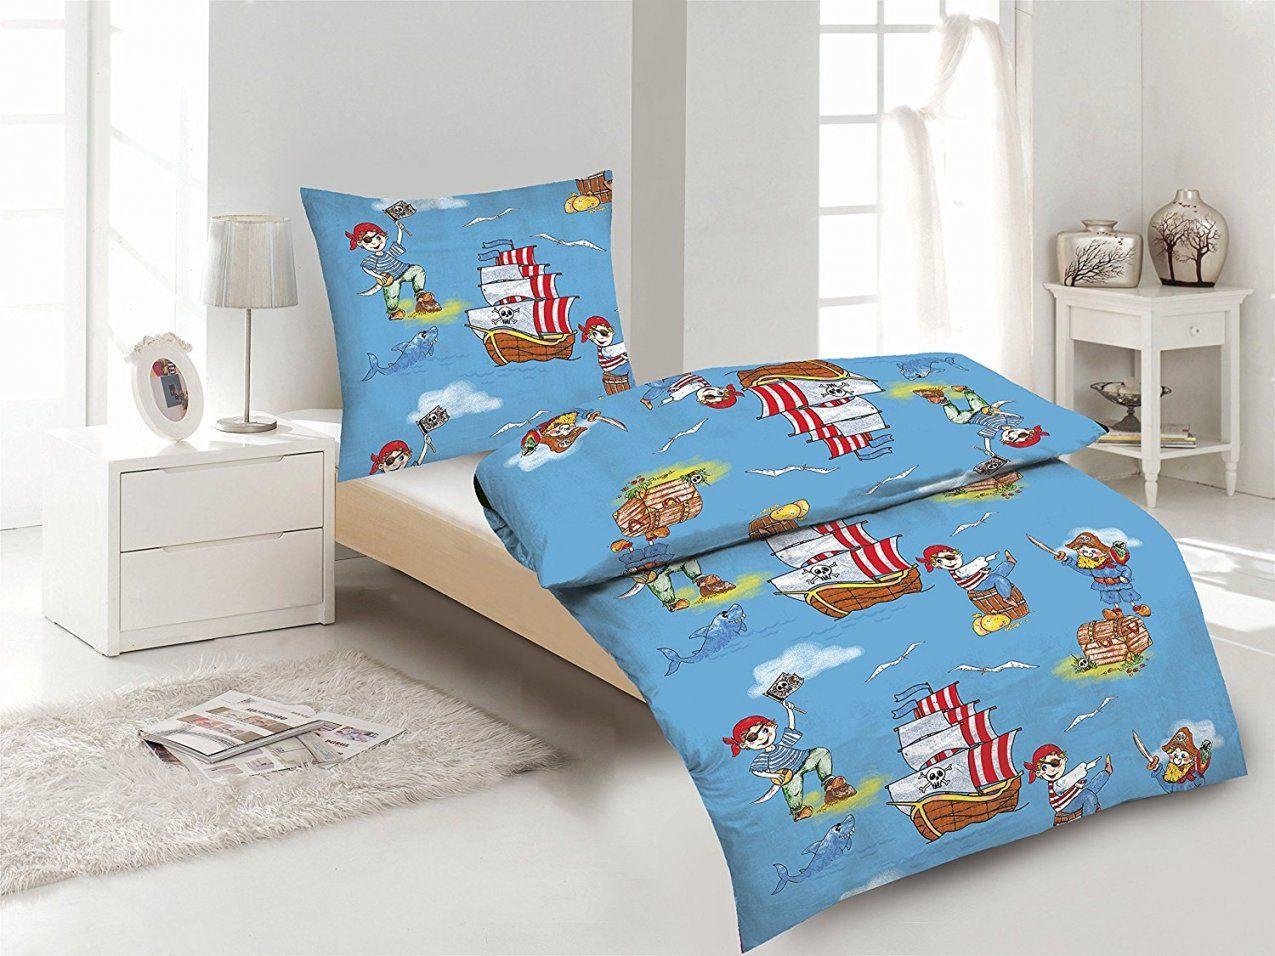 Shining Inspiration Coole Bettwäsche Phantasievolle Mit Sprüchen Und von Coole Bettwäsche Für Junge Leute Bild